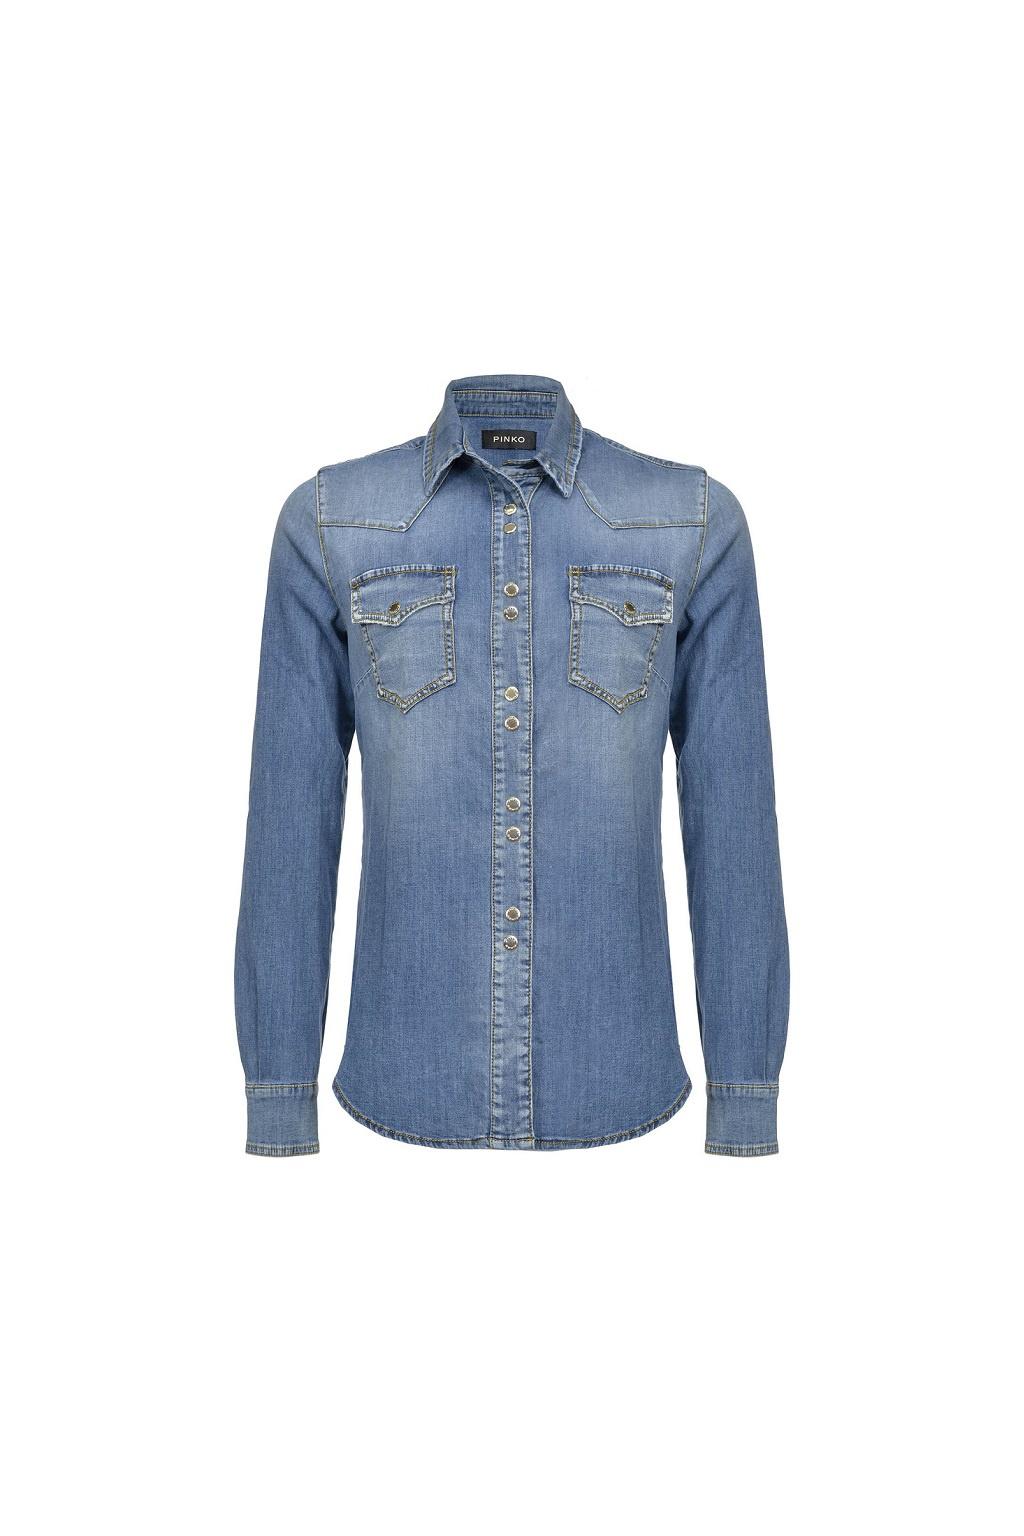 Dámská riflová košile Caroline 13 PJ238 modrá